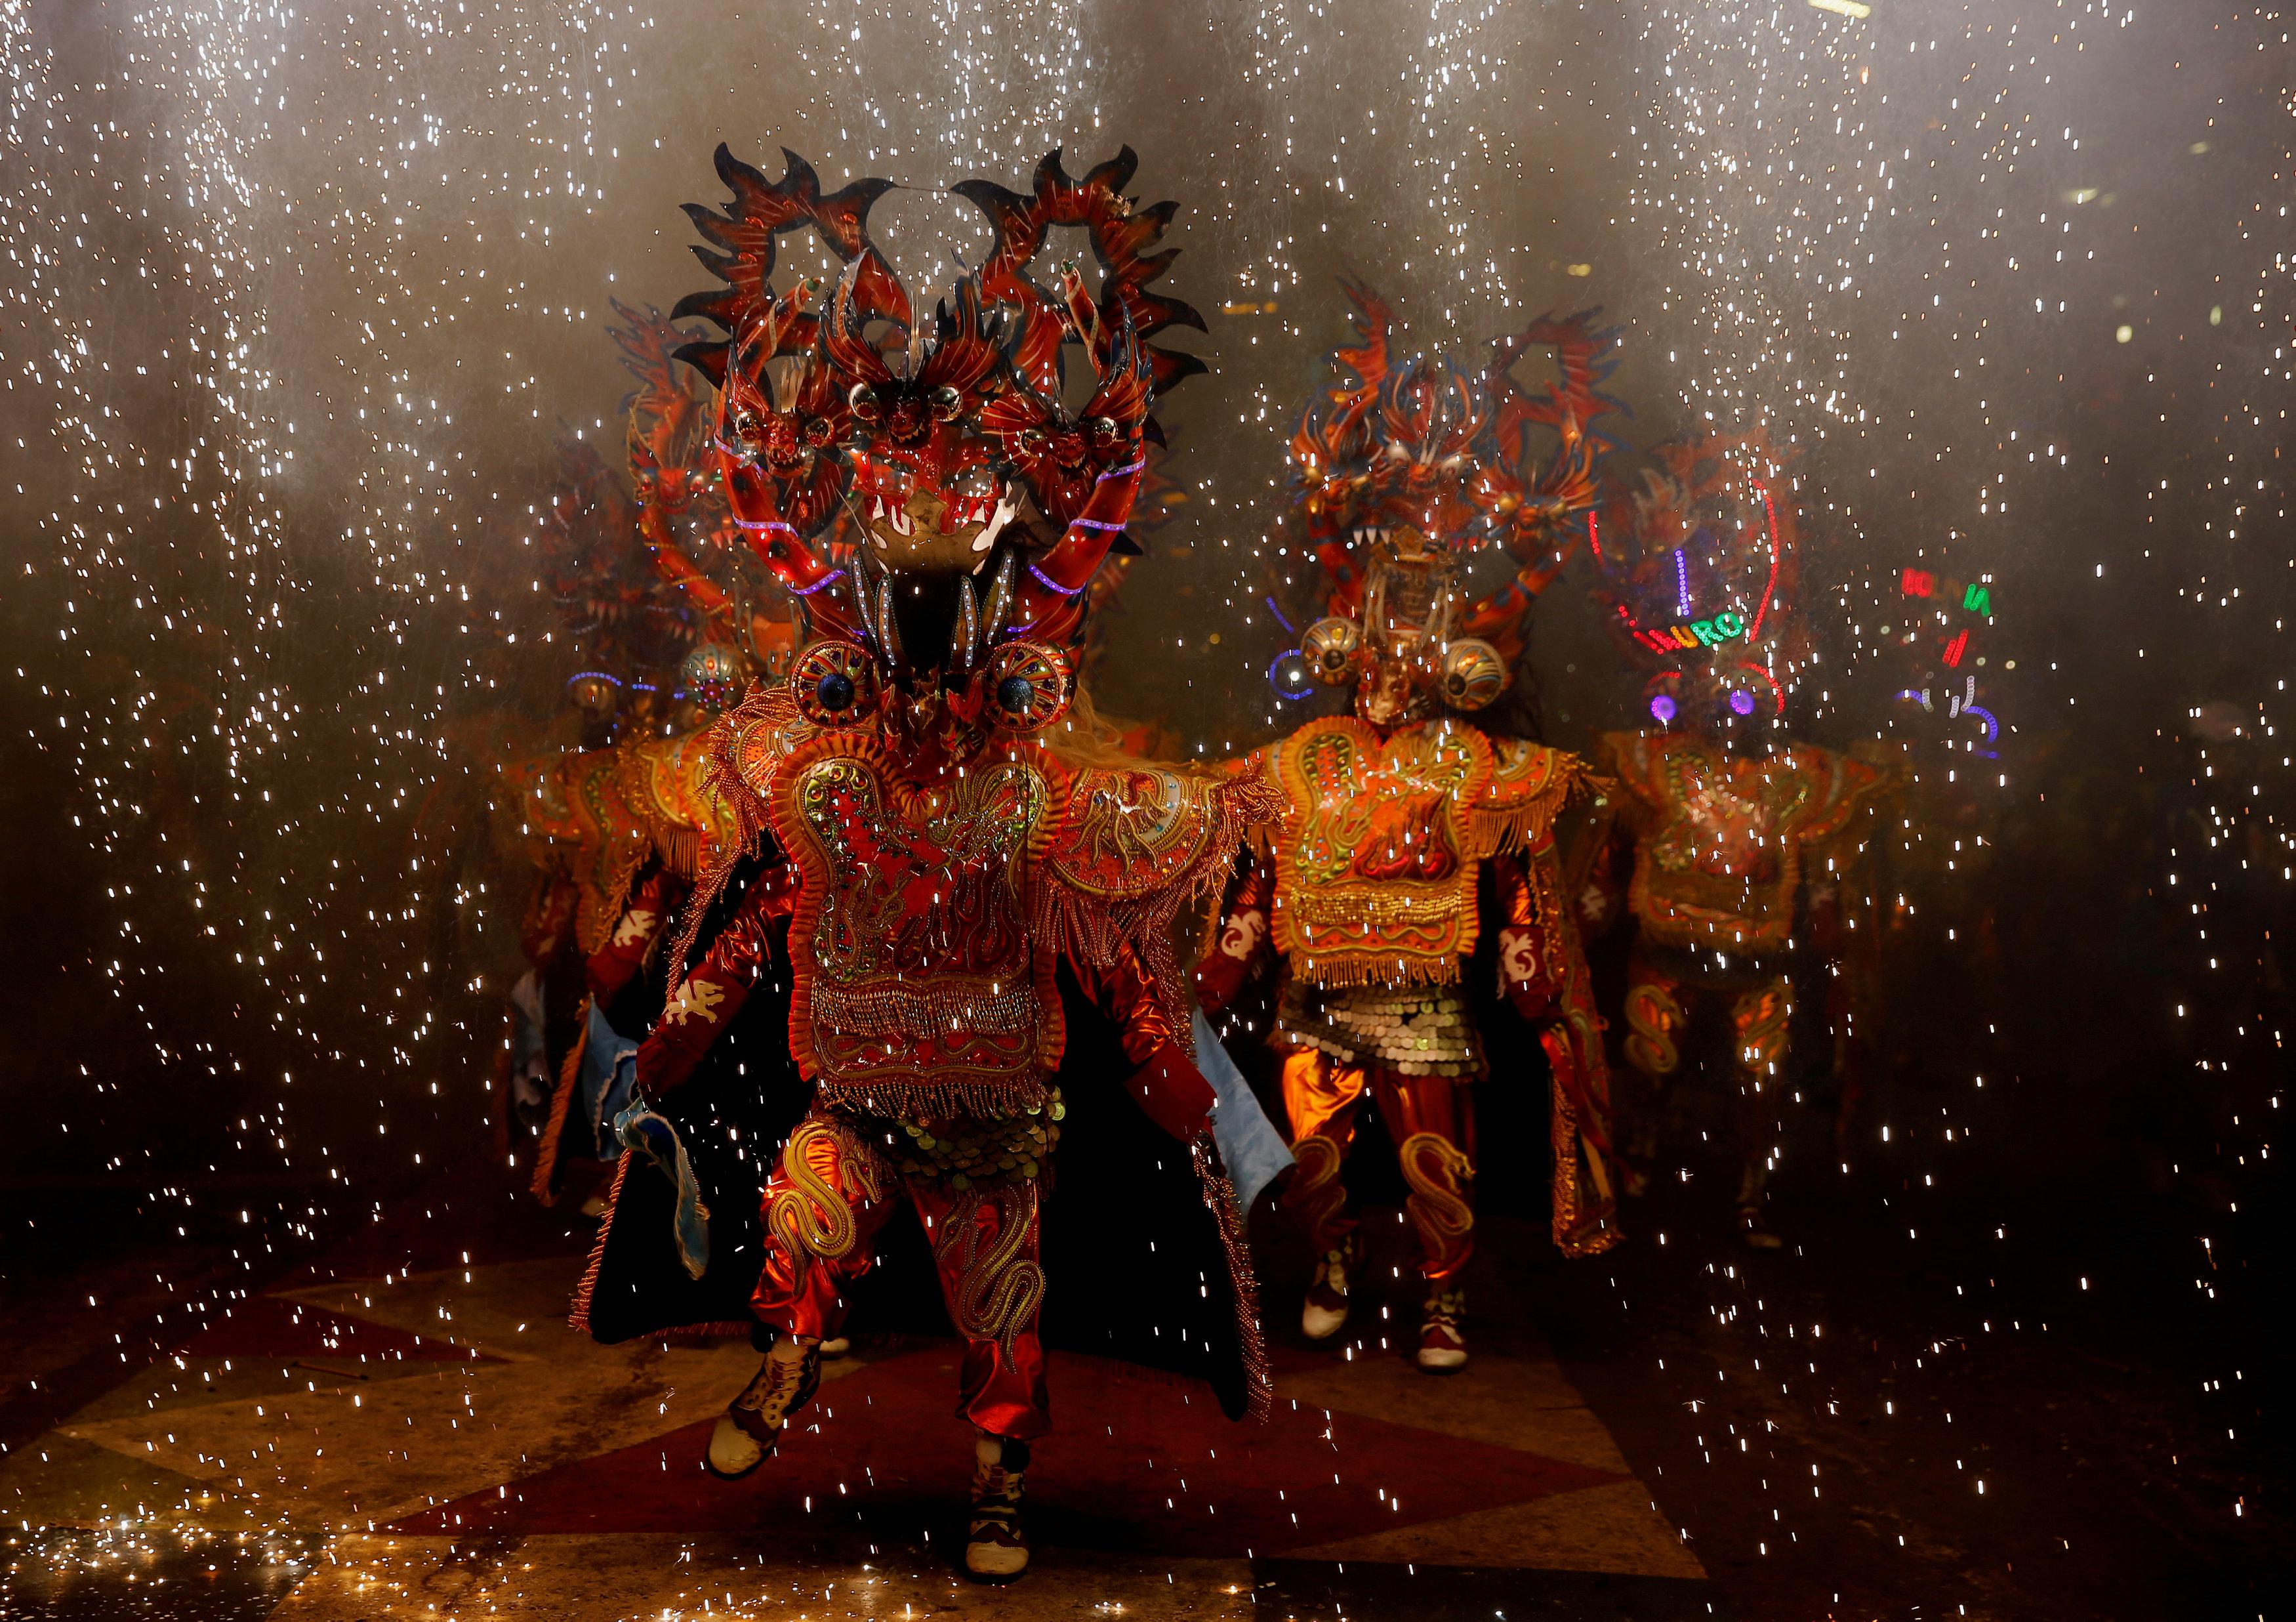 Un grupo desfila durante el Carnaval de Oruro el sábado (REUTERS/David Mercado)